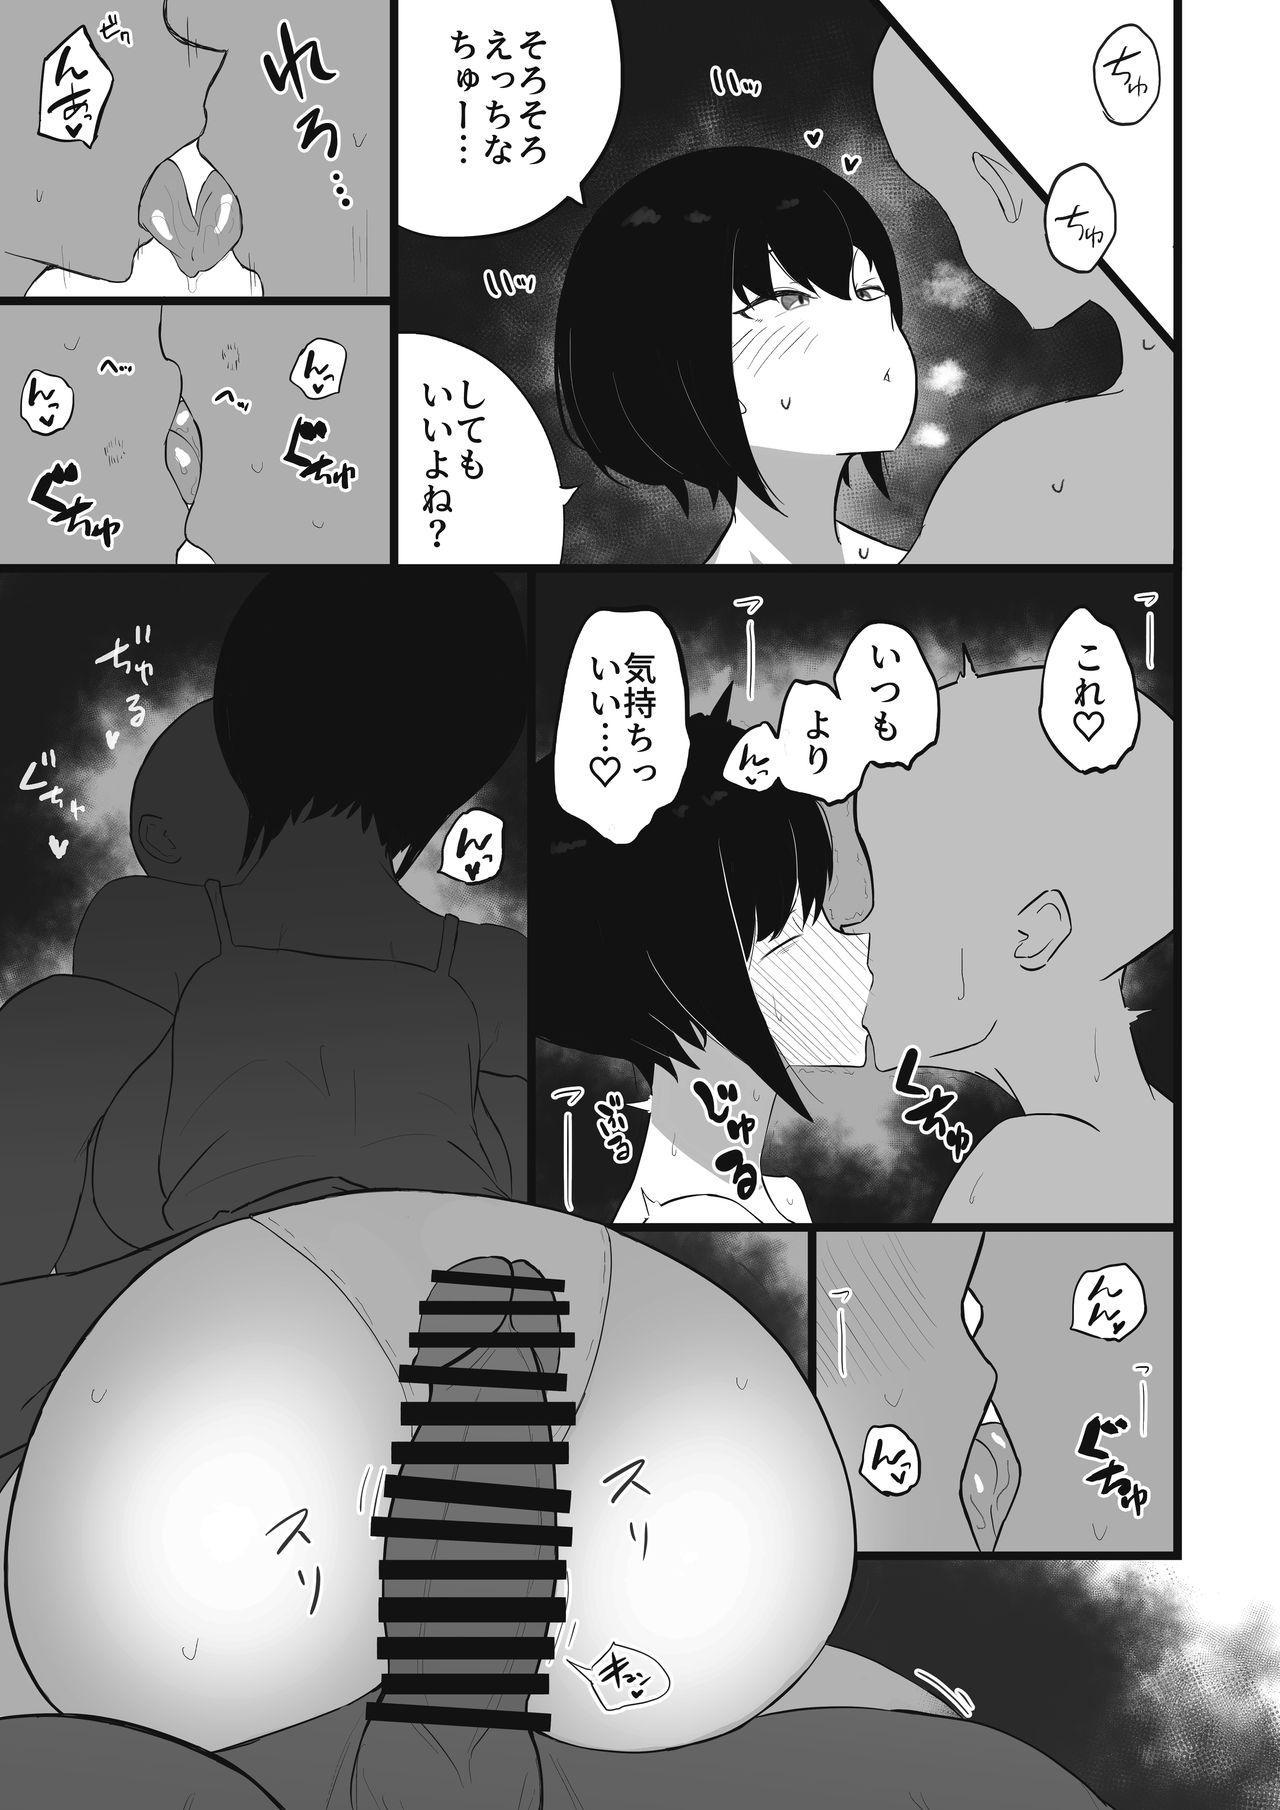 Kanojo to surōsekkusu de guchagucha ni naru hon 4